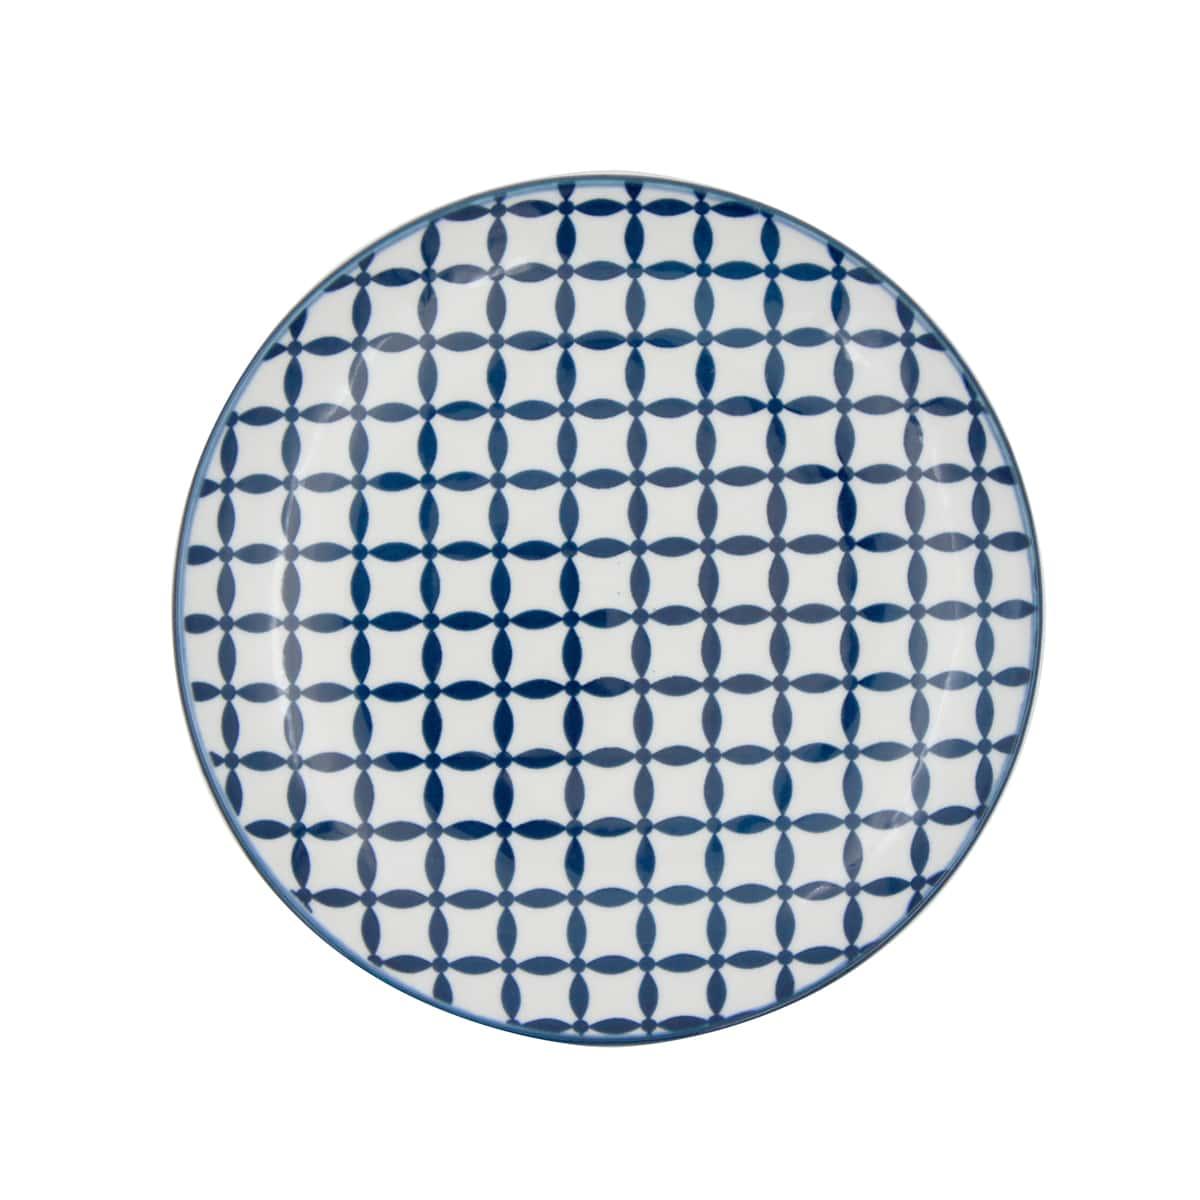 Jogo com 4 Pratos Sobremesa em Porcelana Geometric Star Azul e Branco